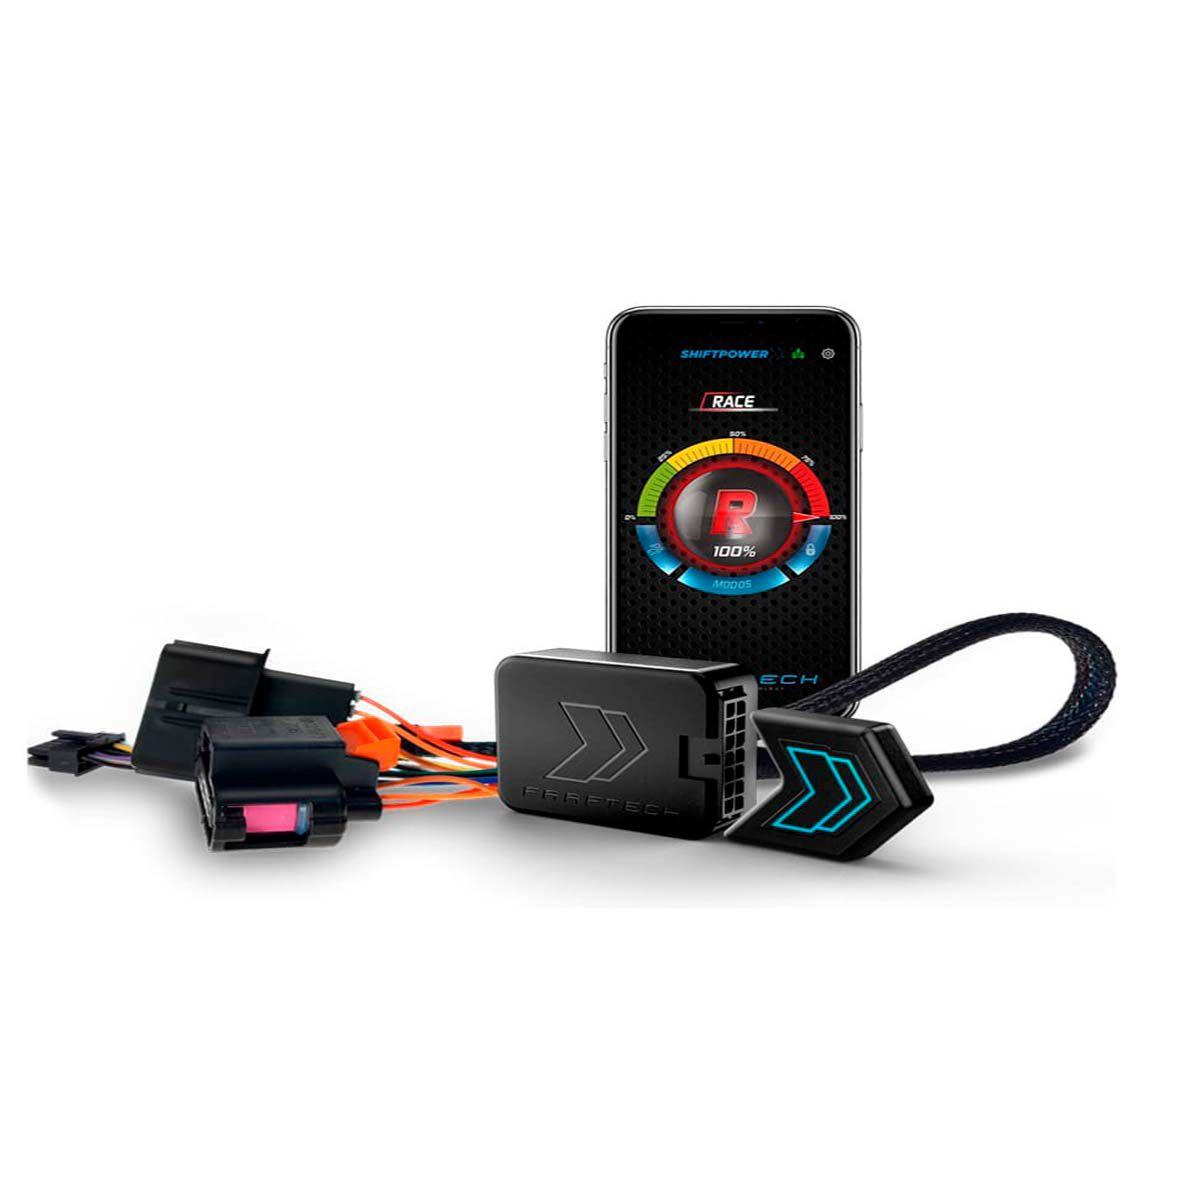 Shift Power Subaru Chip Acelerador Plug Play Bluetooth Faaftech FT-SP27+